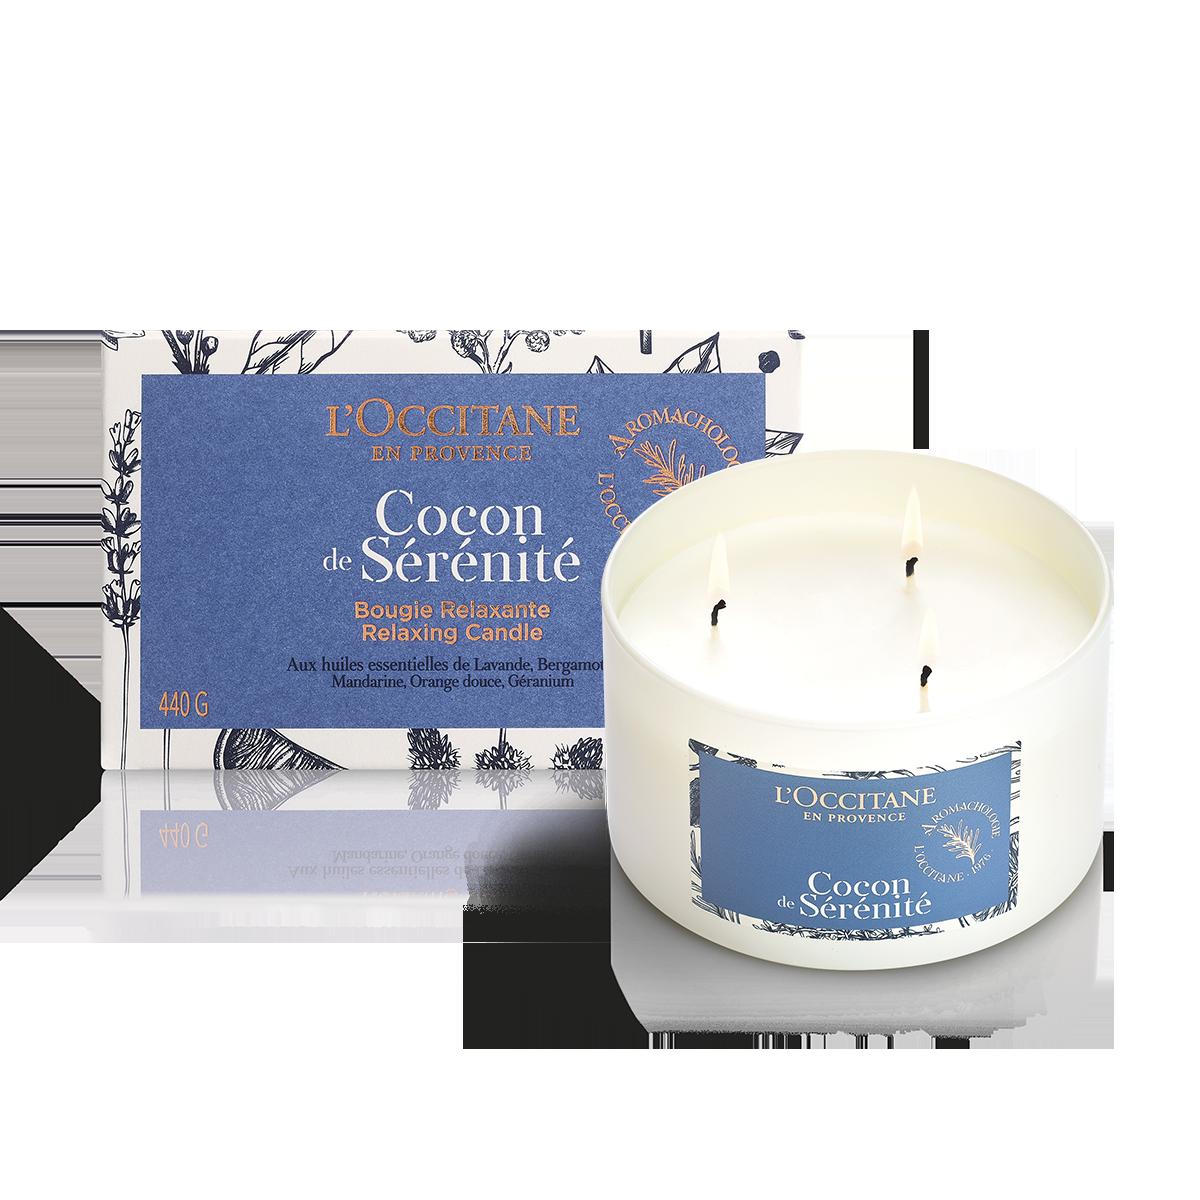 Cocon de Sérénité Relaxing Premium Candle